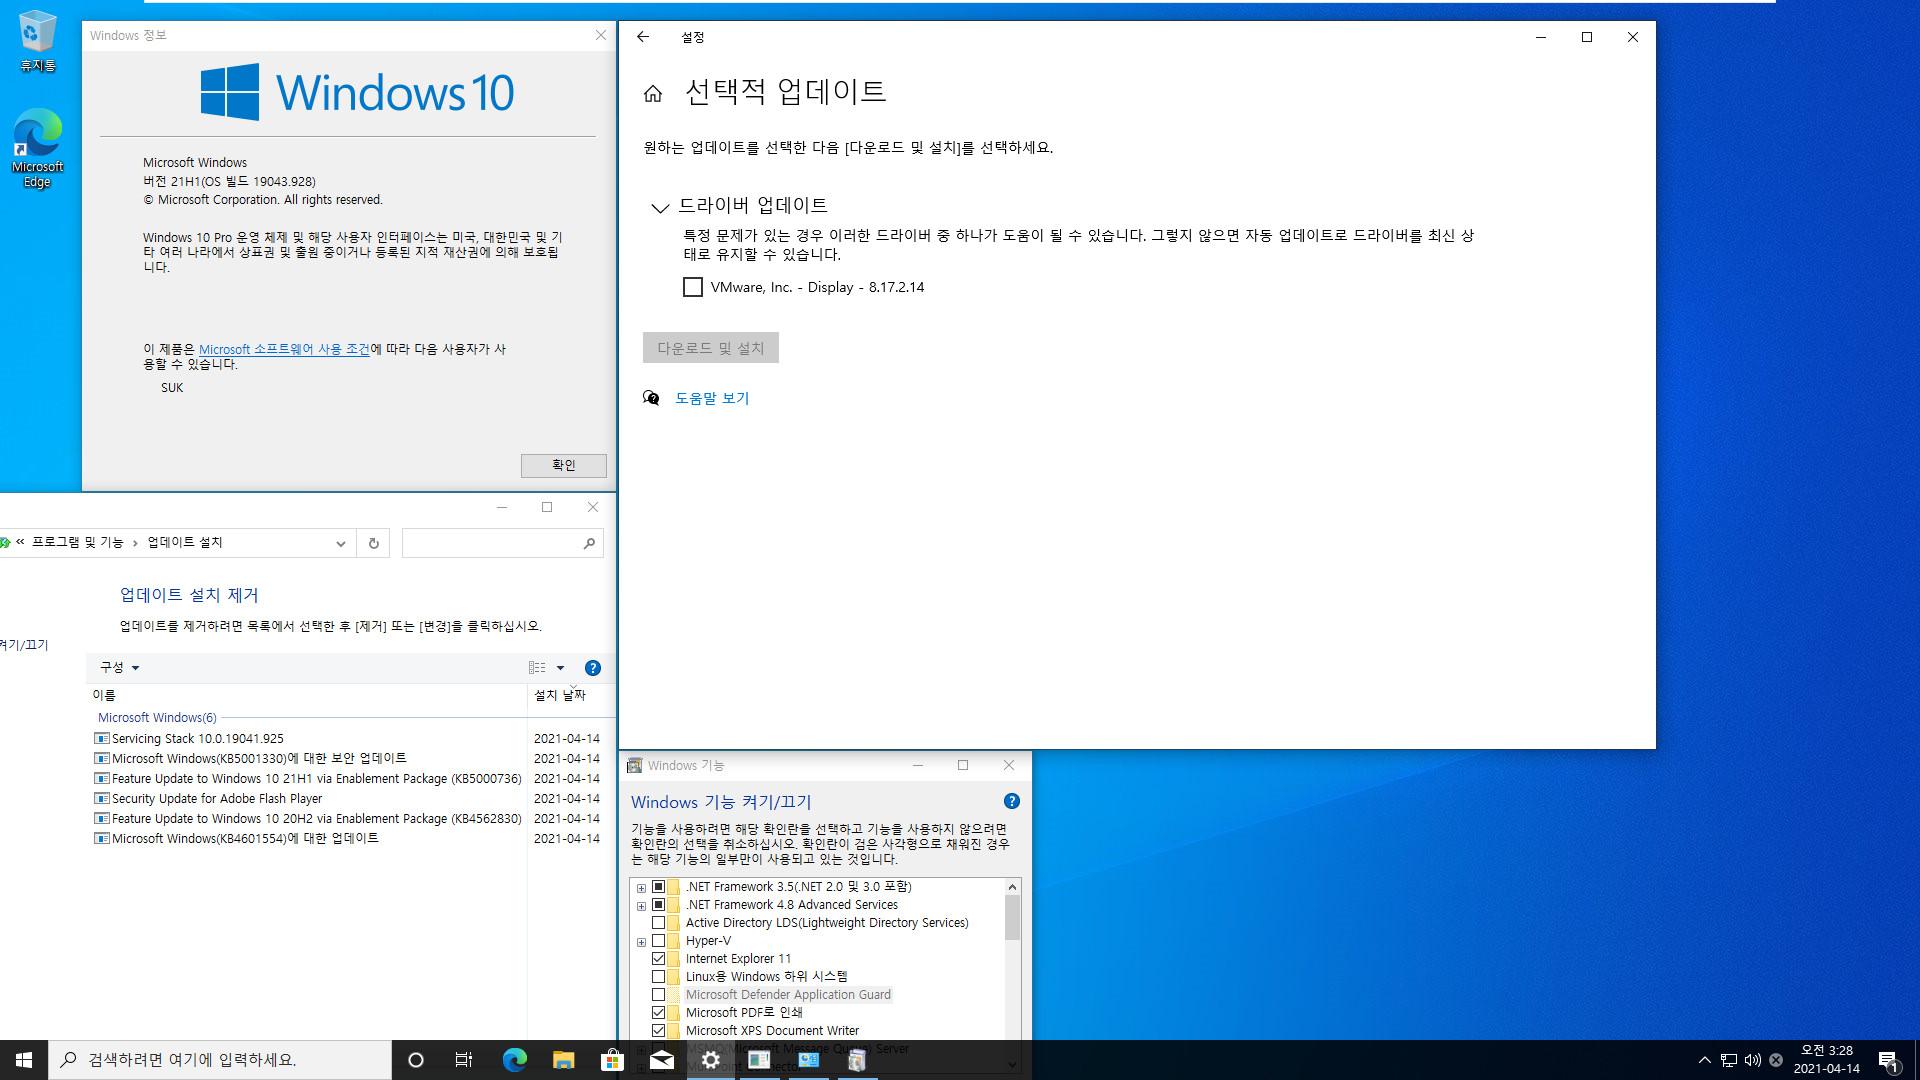 2021-04-14 수요일 정기 업데이트 - PRO x64 3개 버전 통합 - Windows 10 버전 2004, 빌드 19041.928 + 버전 20H2, 빌드 19042.928 + 버전 21H1, 빌드 19043.928 - 공용 누적 업데이트 KB5001330 - 2021-04-14_032851.jpg